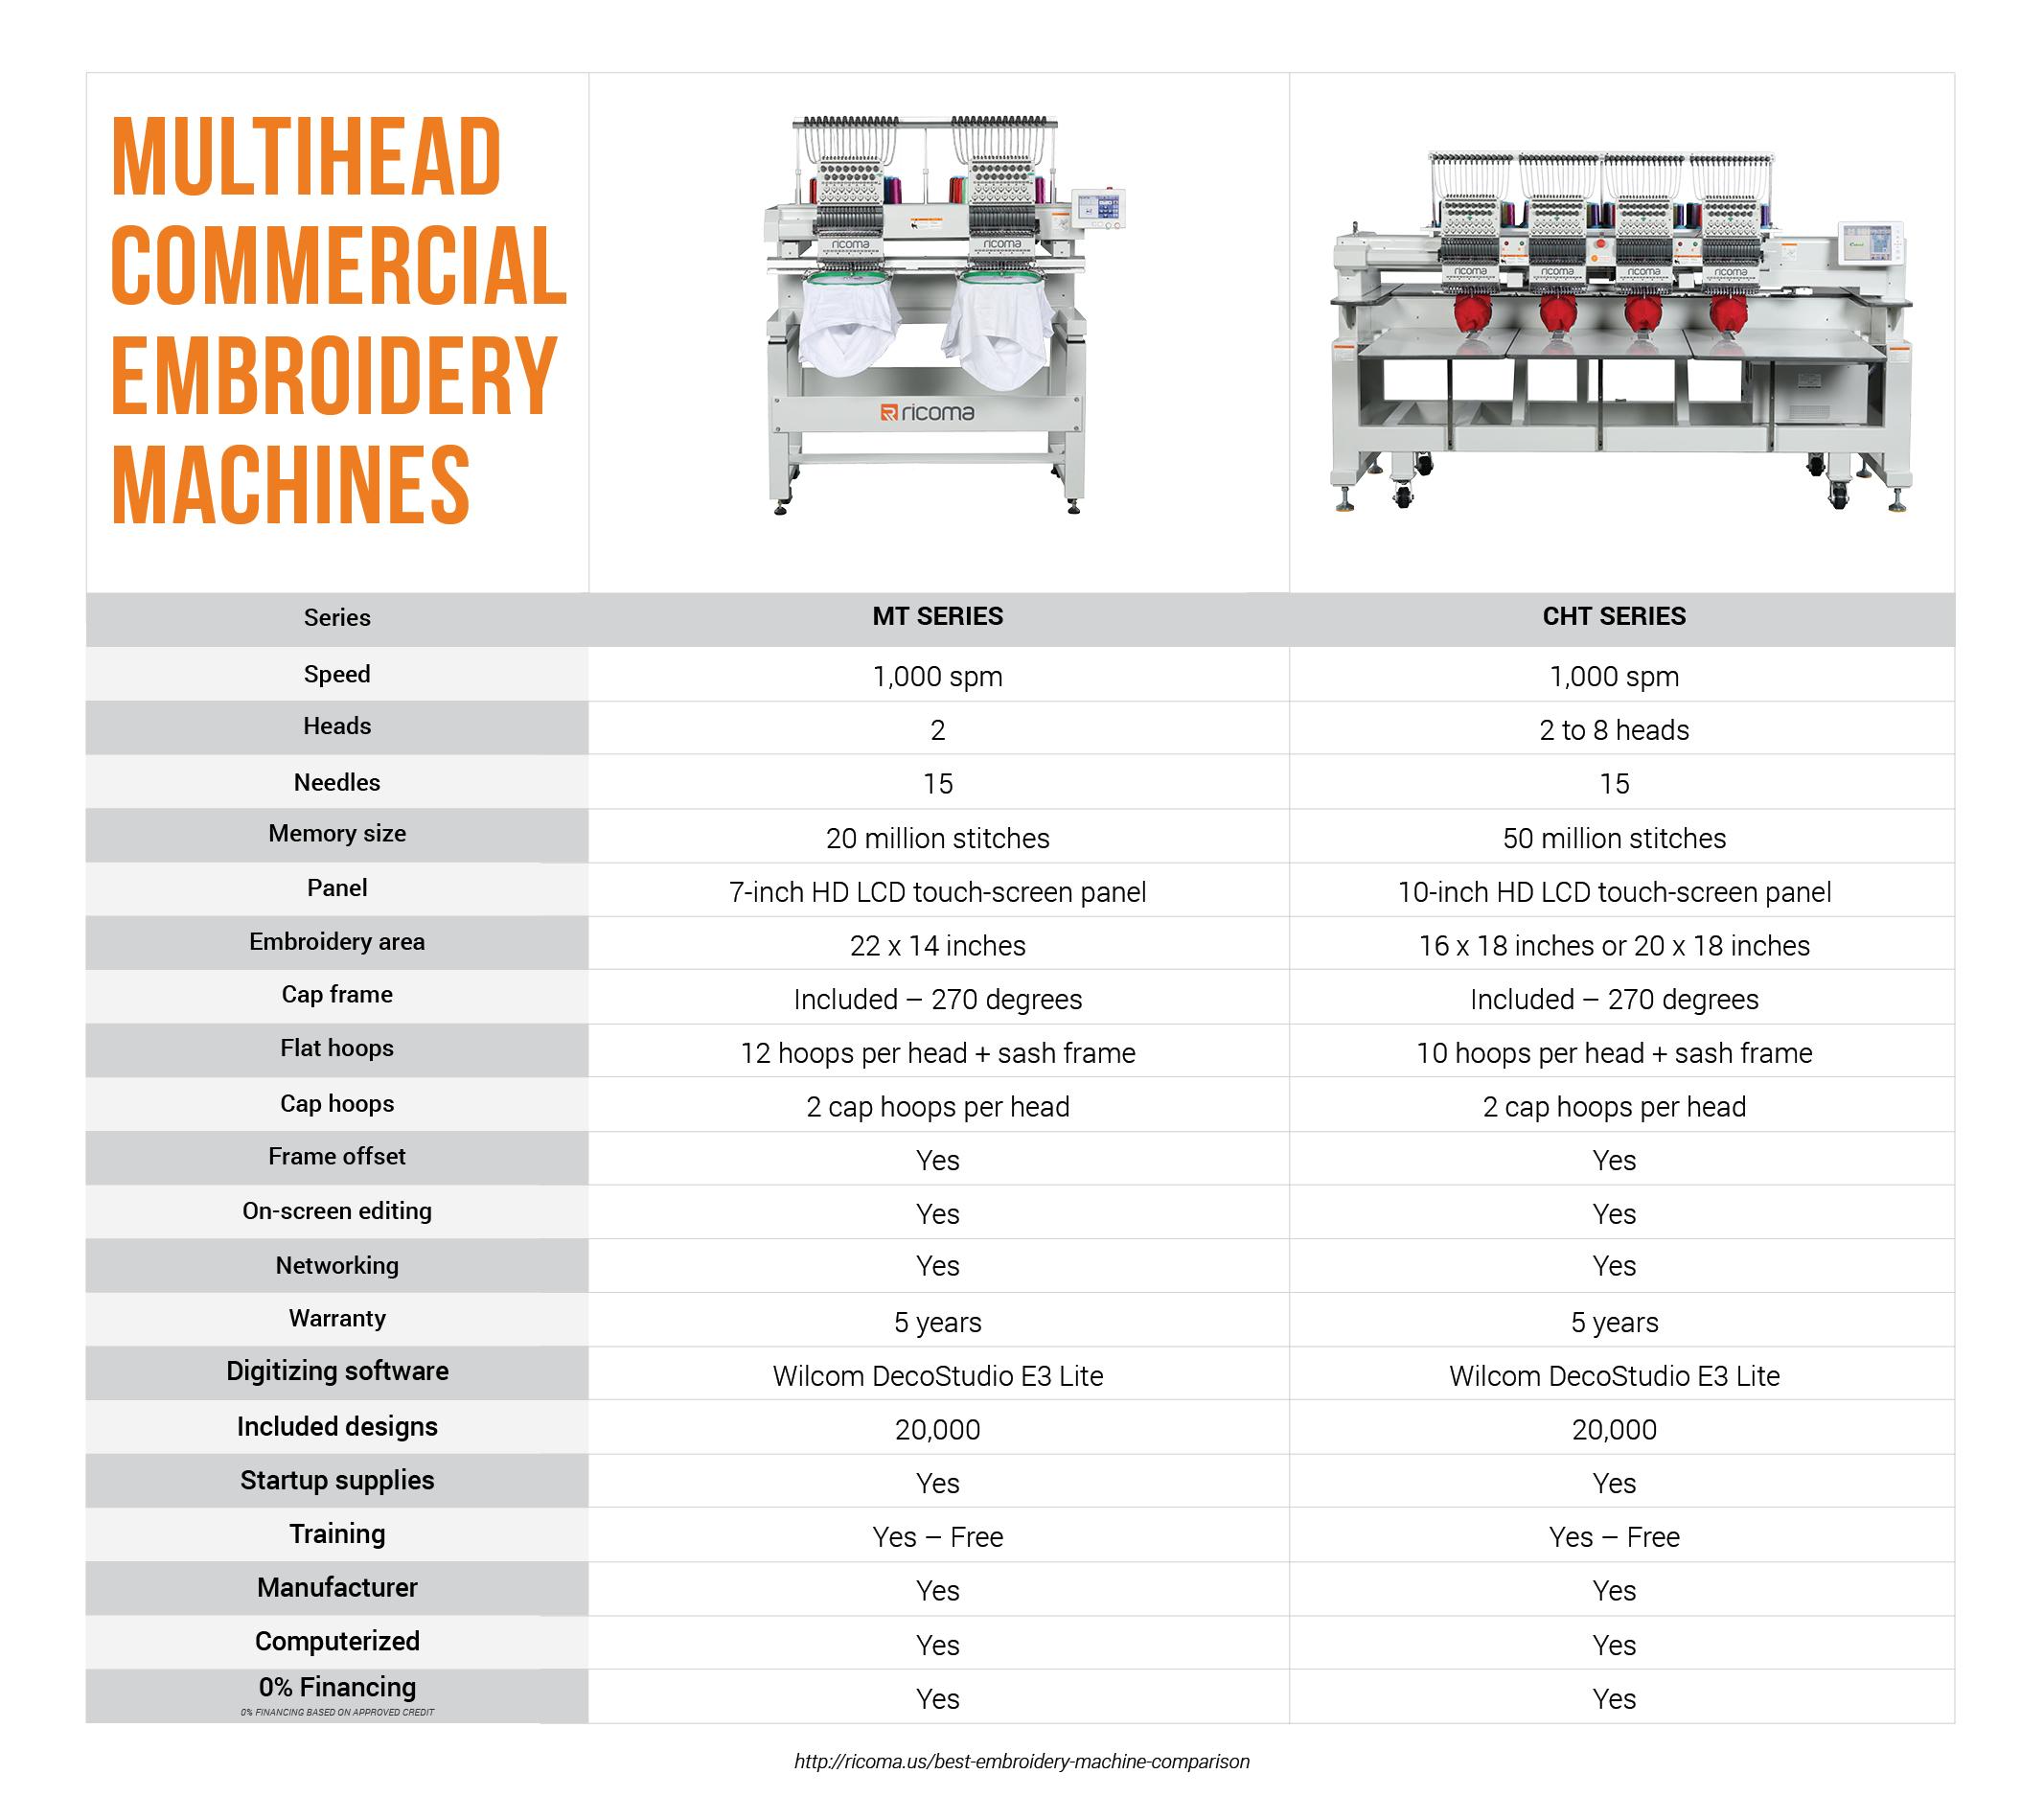 Multihead Comparison-1